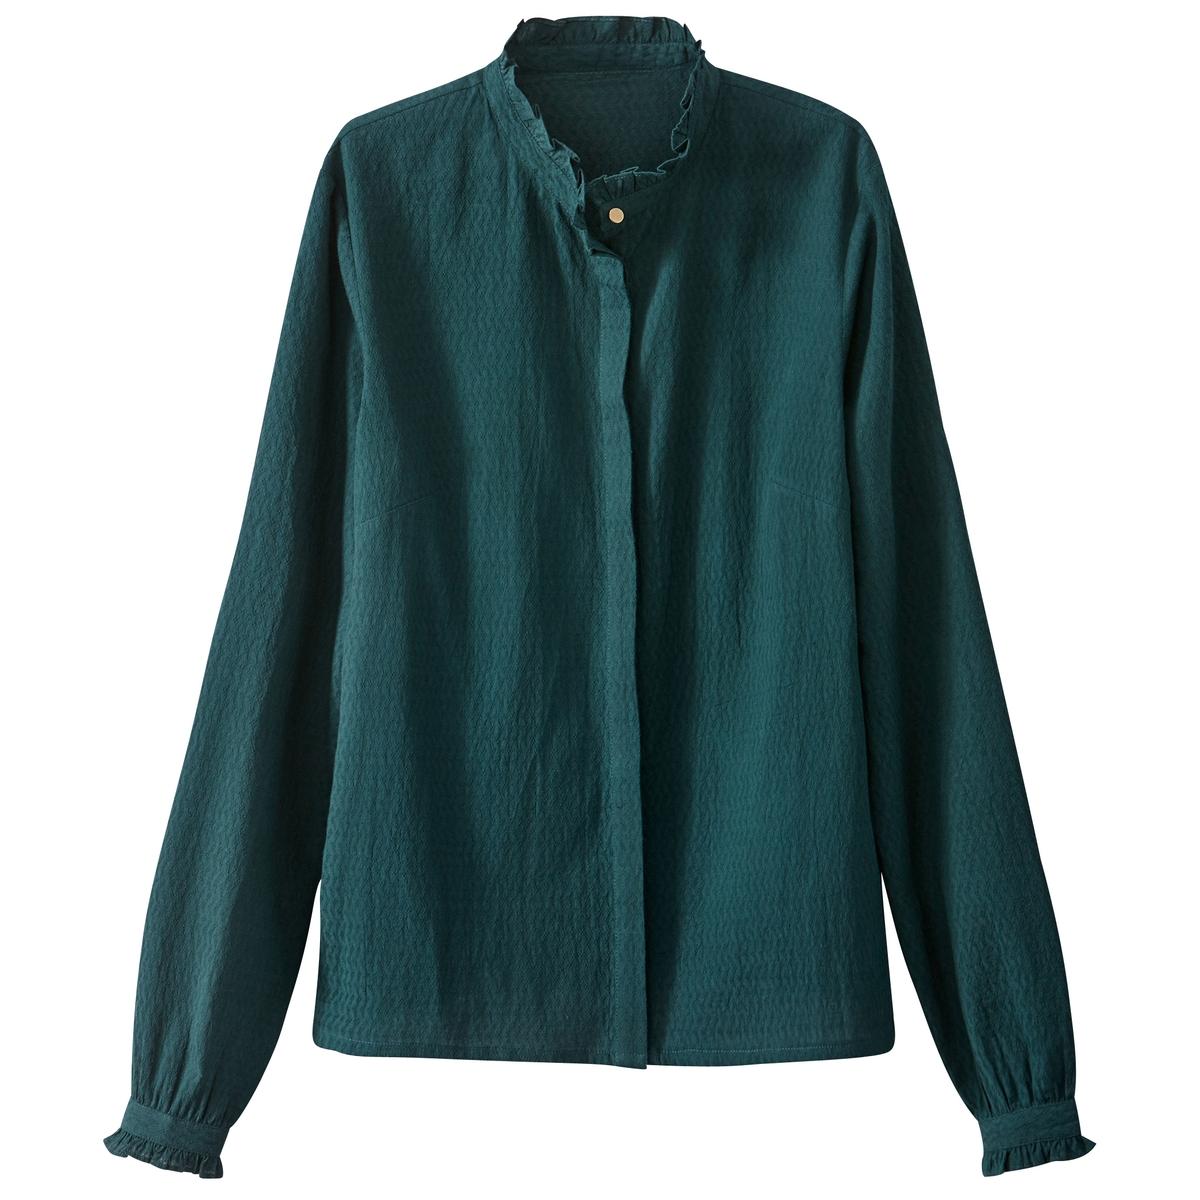 Рубашка с длинными рукавами, с рюшьюДетали •  Длинные рукава  •  Прямой покрой  •  Воротник-стойкаСостав и уход •  100% хлопок  •  Температура стирки при 30° при деликатном режиме   •  Сухая чистка и отбеливание запрещены    •  Не использовать барабанную сушку   •  Низкая температура глажки<br><br>Цвет: белый,темно-зеленый<br>Размер: 36 (FR) - 42 (RUS).44 (FR) - 50 (RUS).34 (FR) - 40 (RUS).38 (FR) - 44 (RUS)